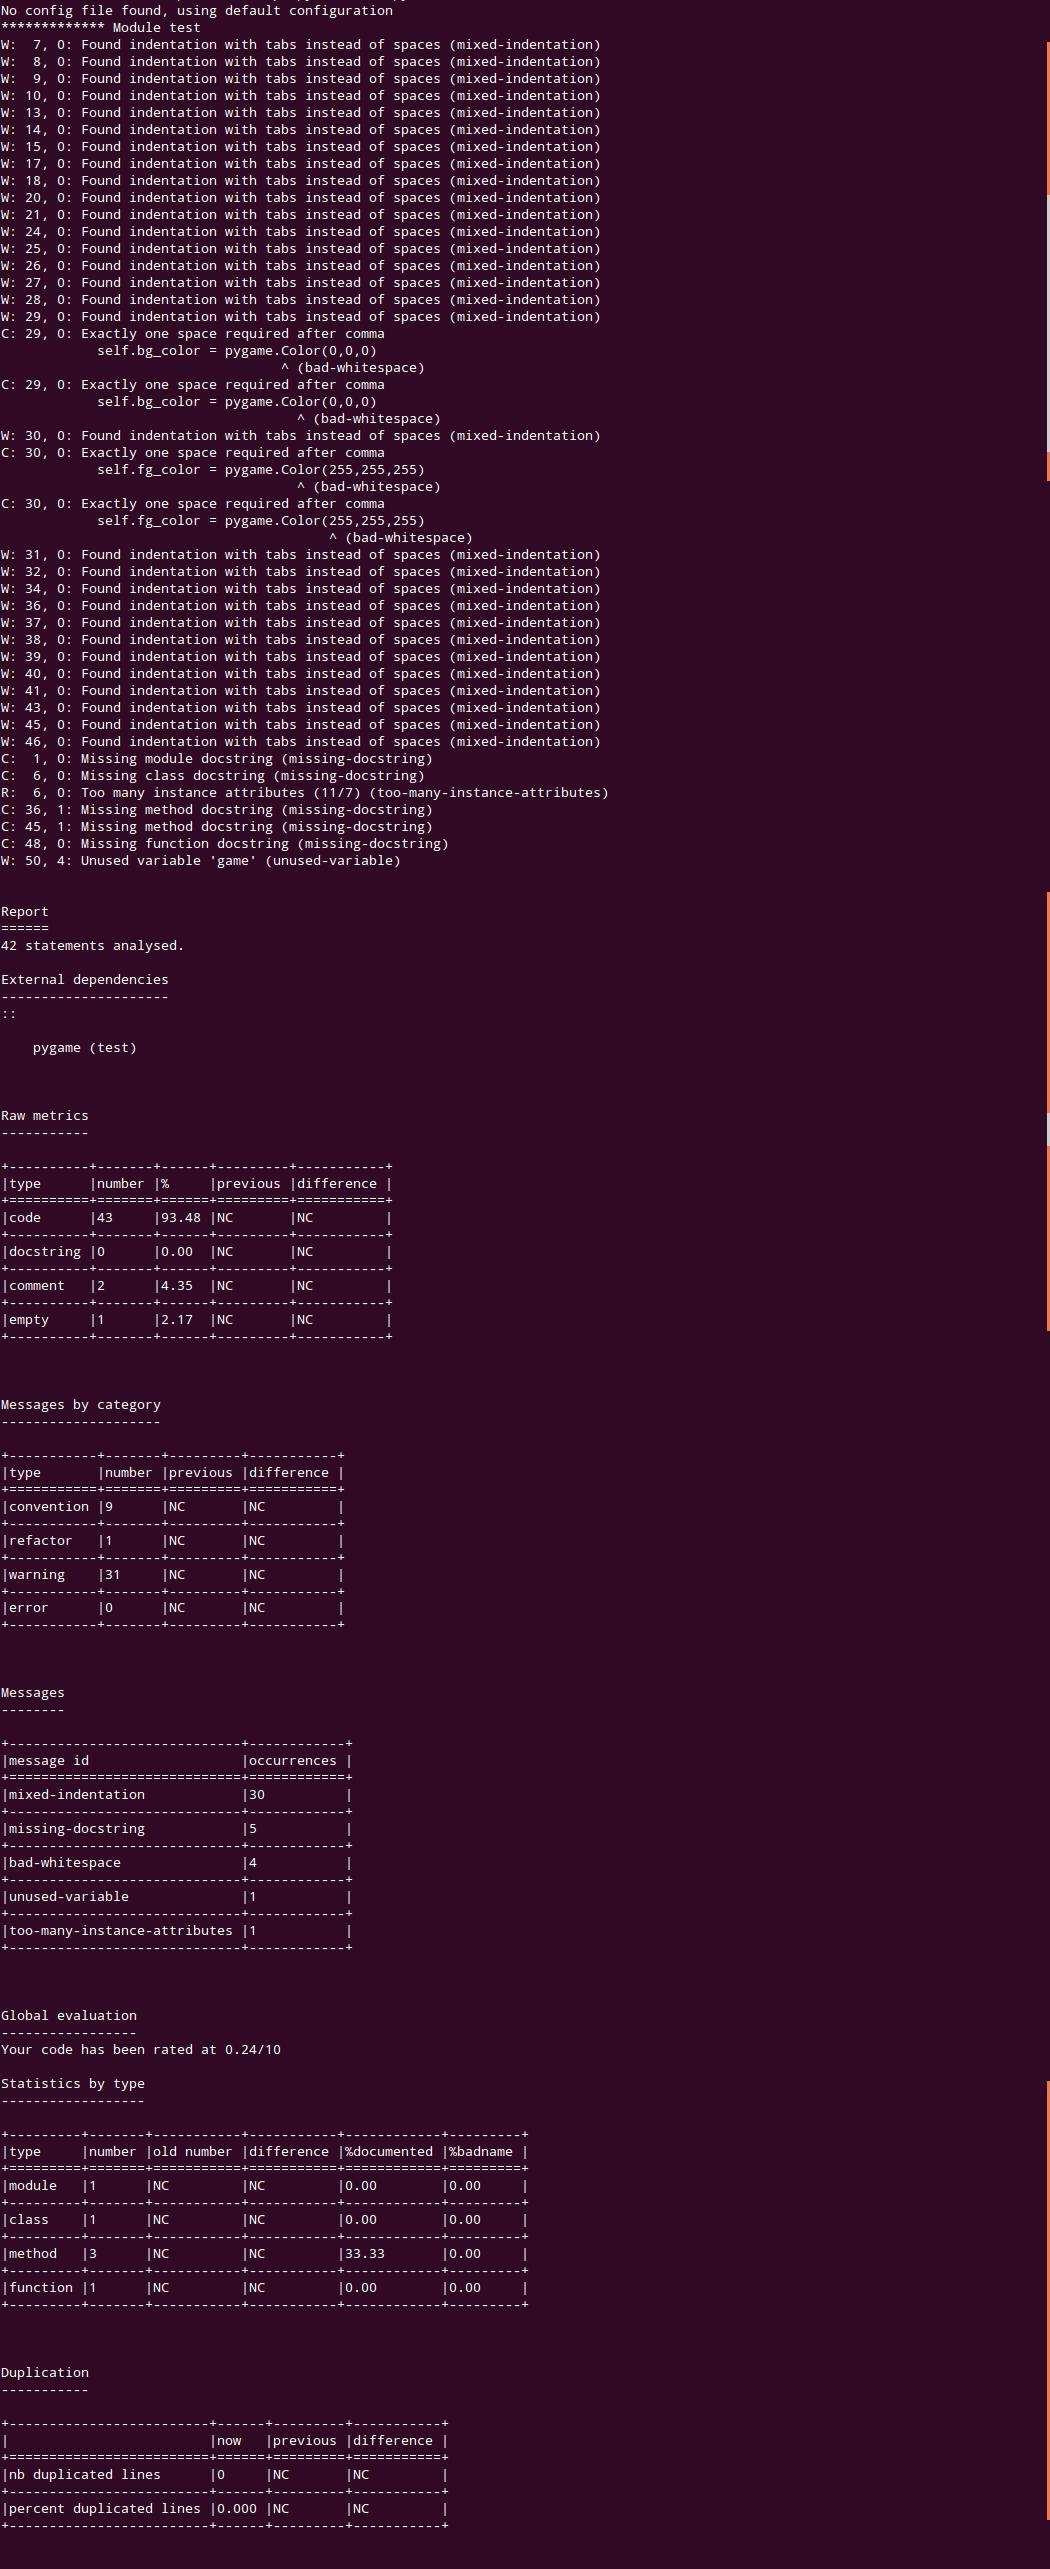 pylint로 파이썬 코드를 정적으로 분석해보자!!